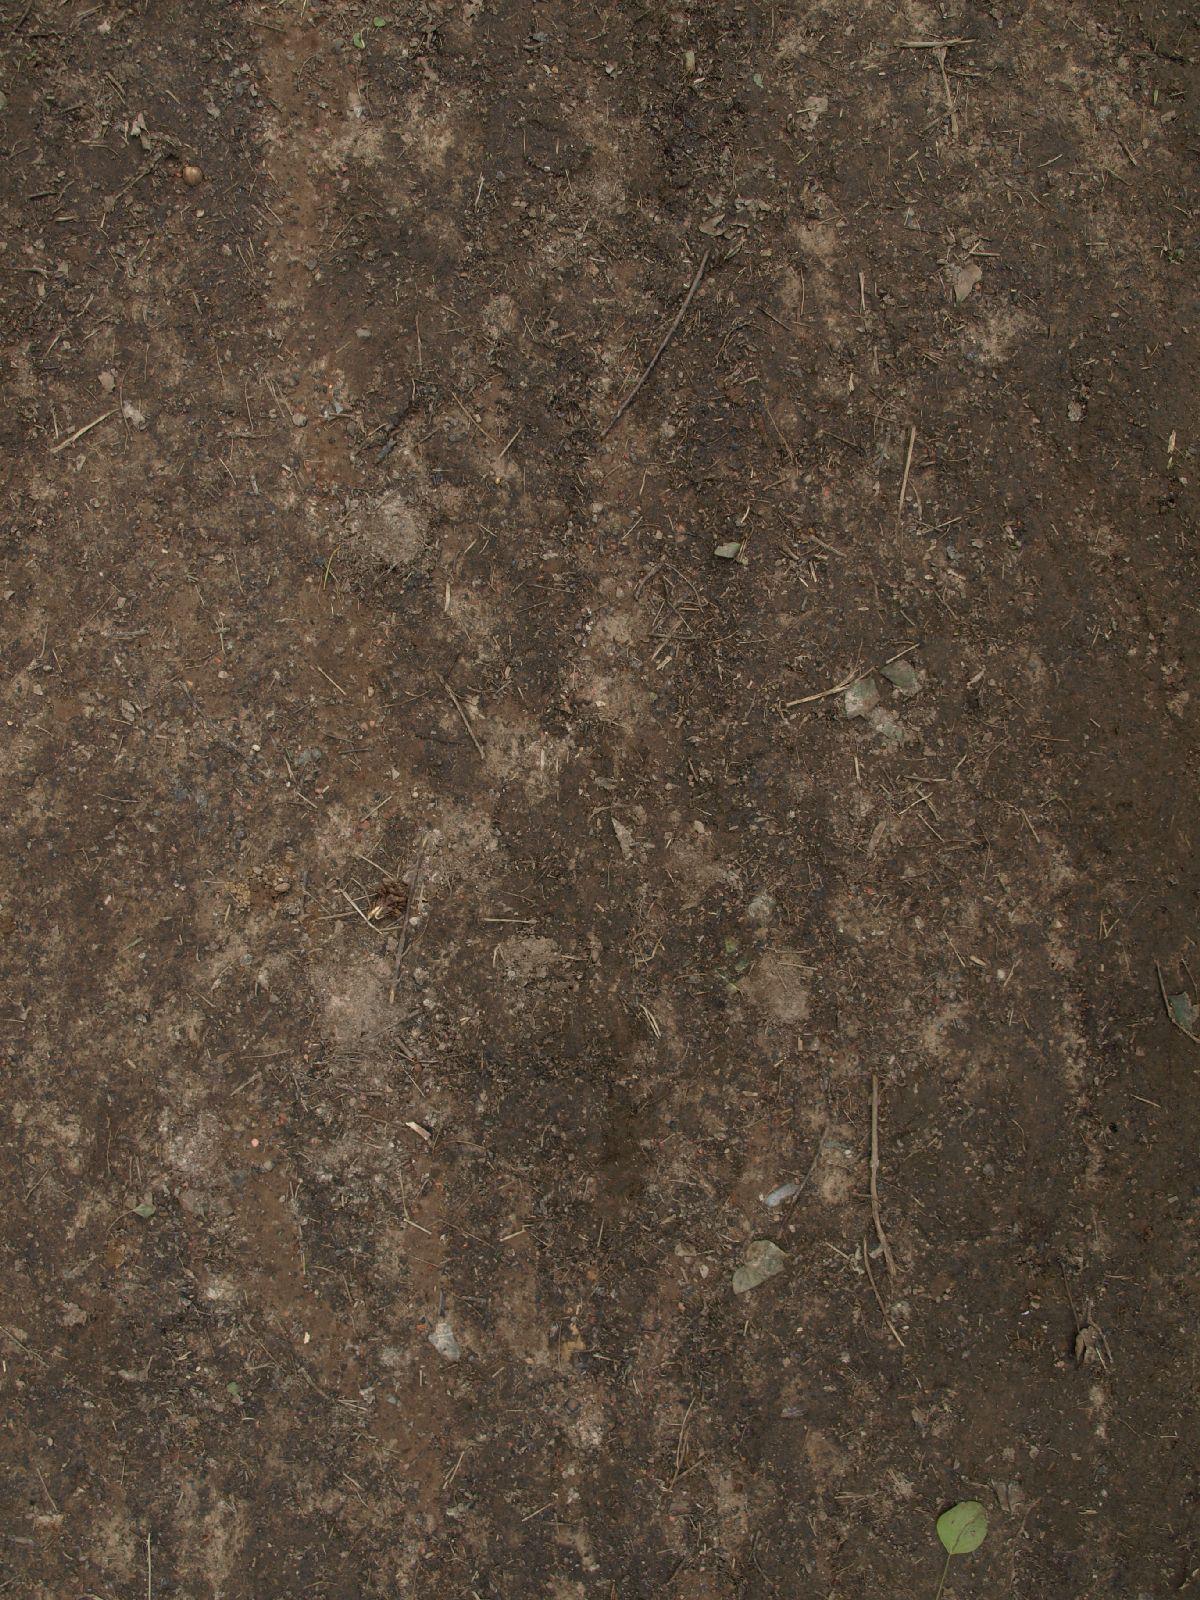 Boden-Erde-Steine_Textur_A_P4231708